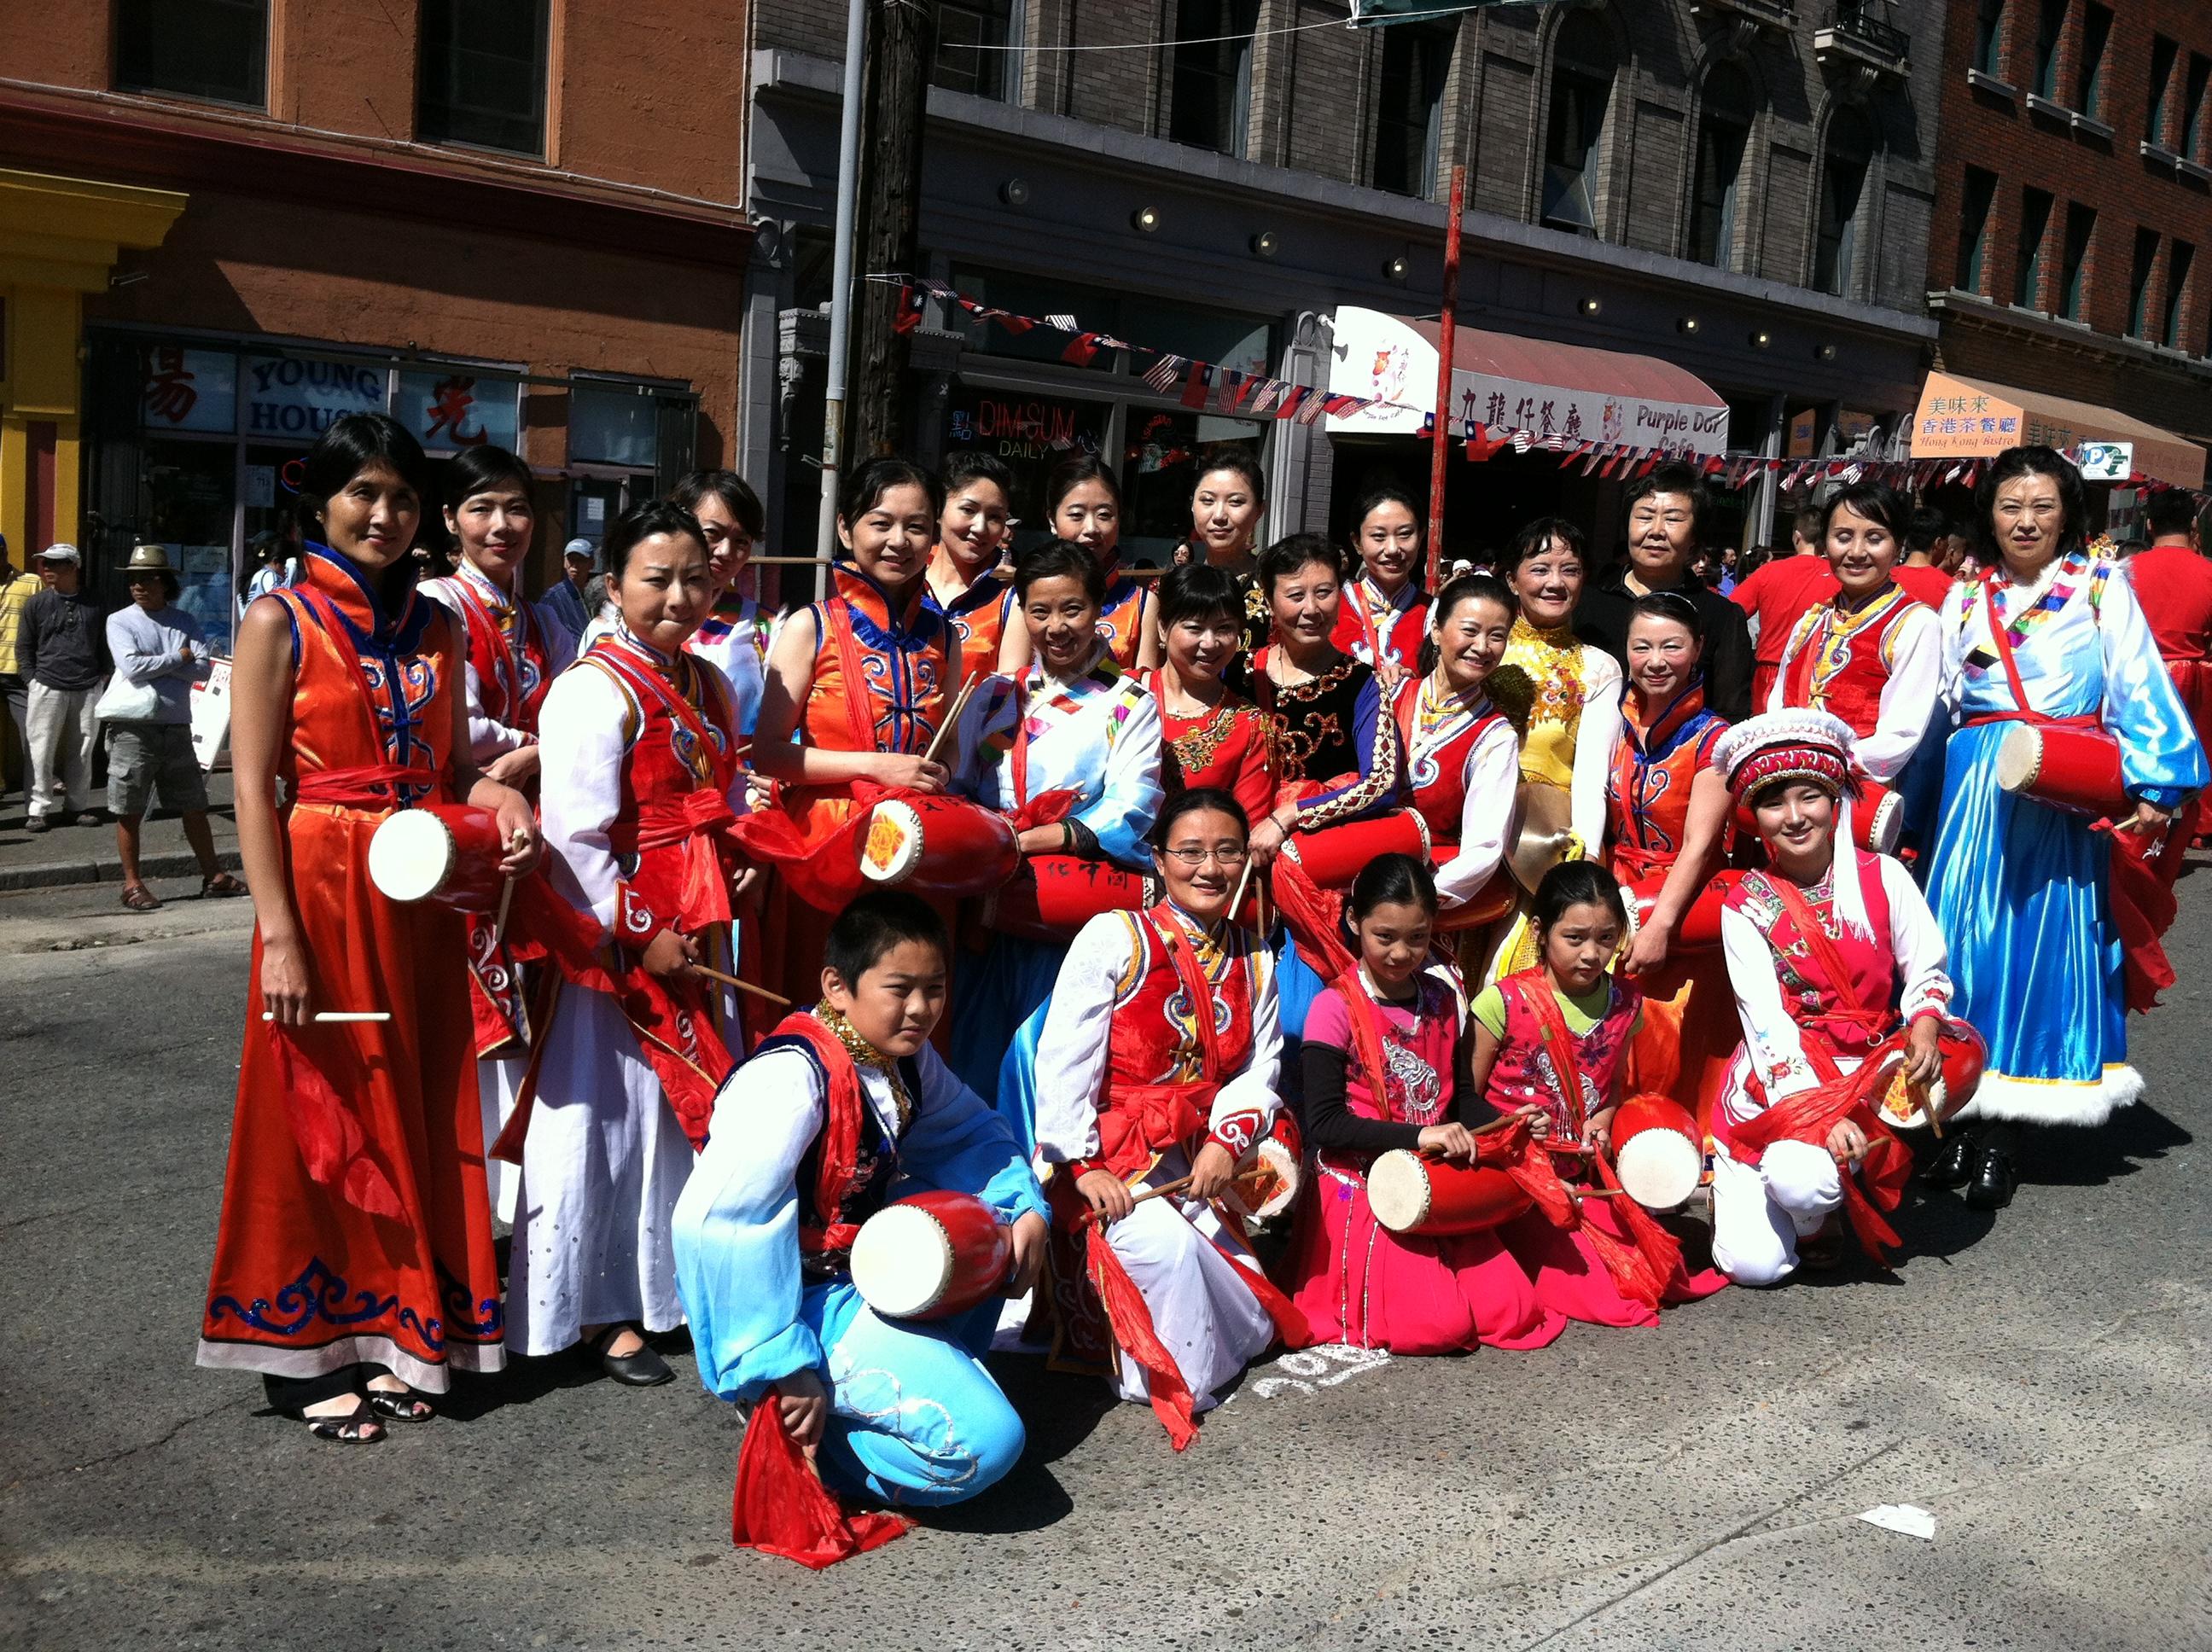 2012 Chinatown Seafair Parade Image 219